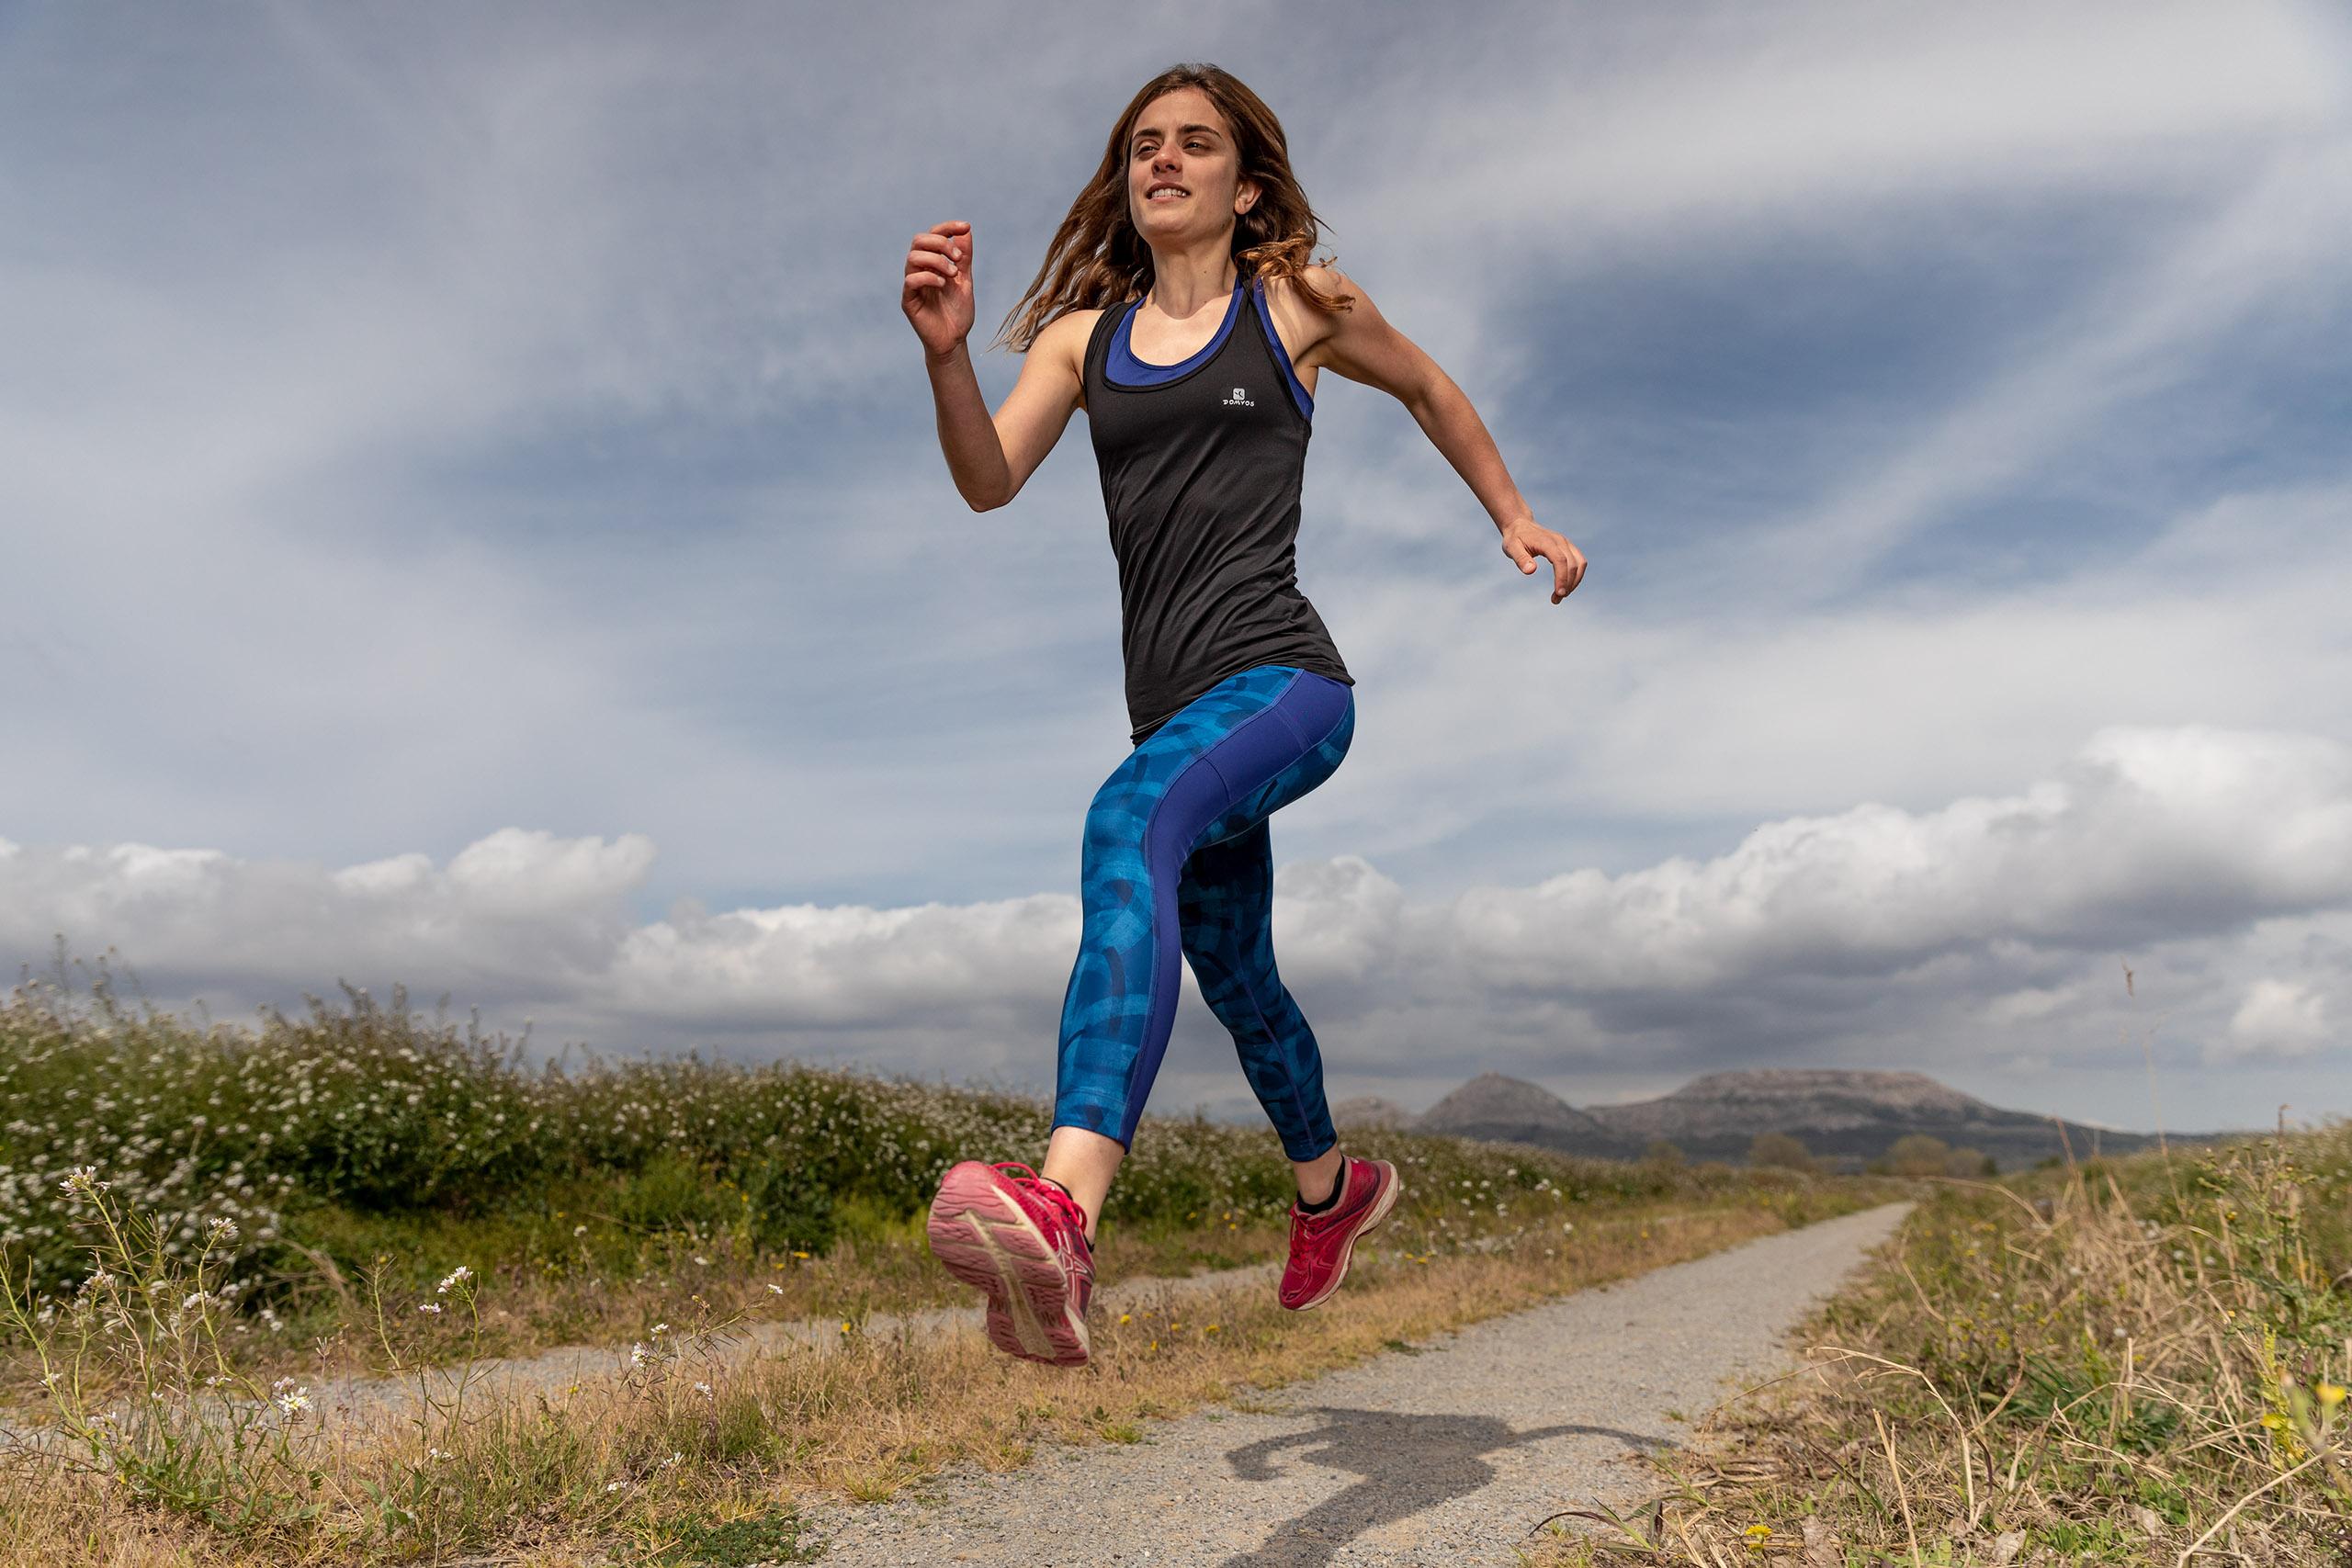 Fotografía deportiva en exteriores con flash de estudio y luz natural